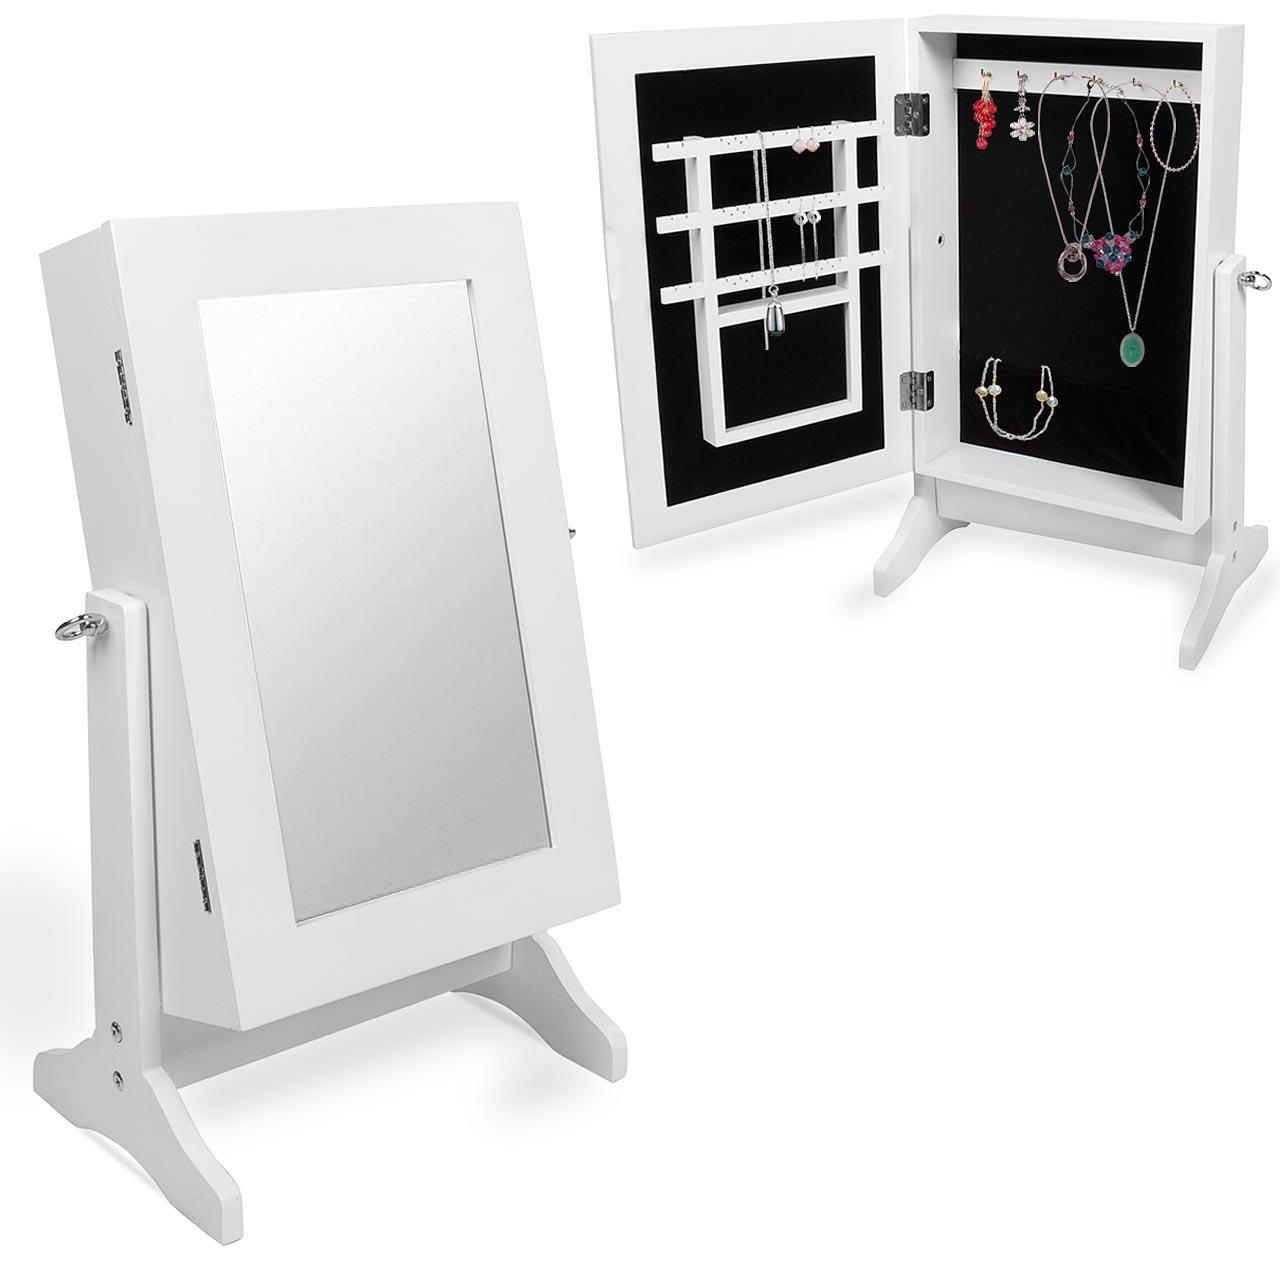 schmuckschrank spiegelschrank spiegel standspiegel schmuck. Black Bedroom Furniture Sets. Home Design Ideas